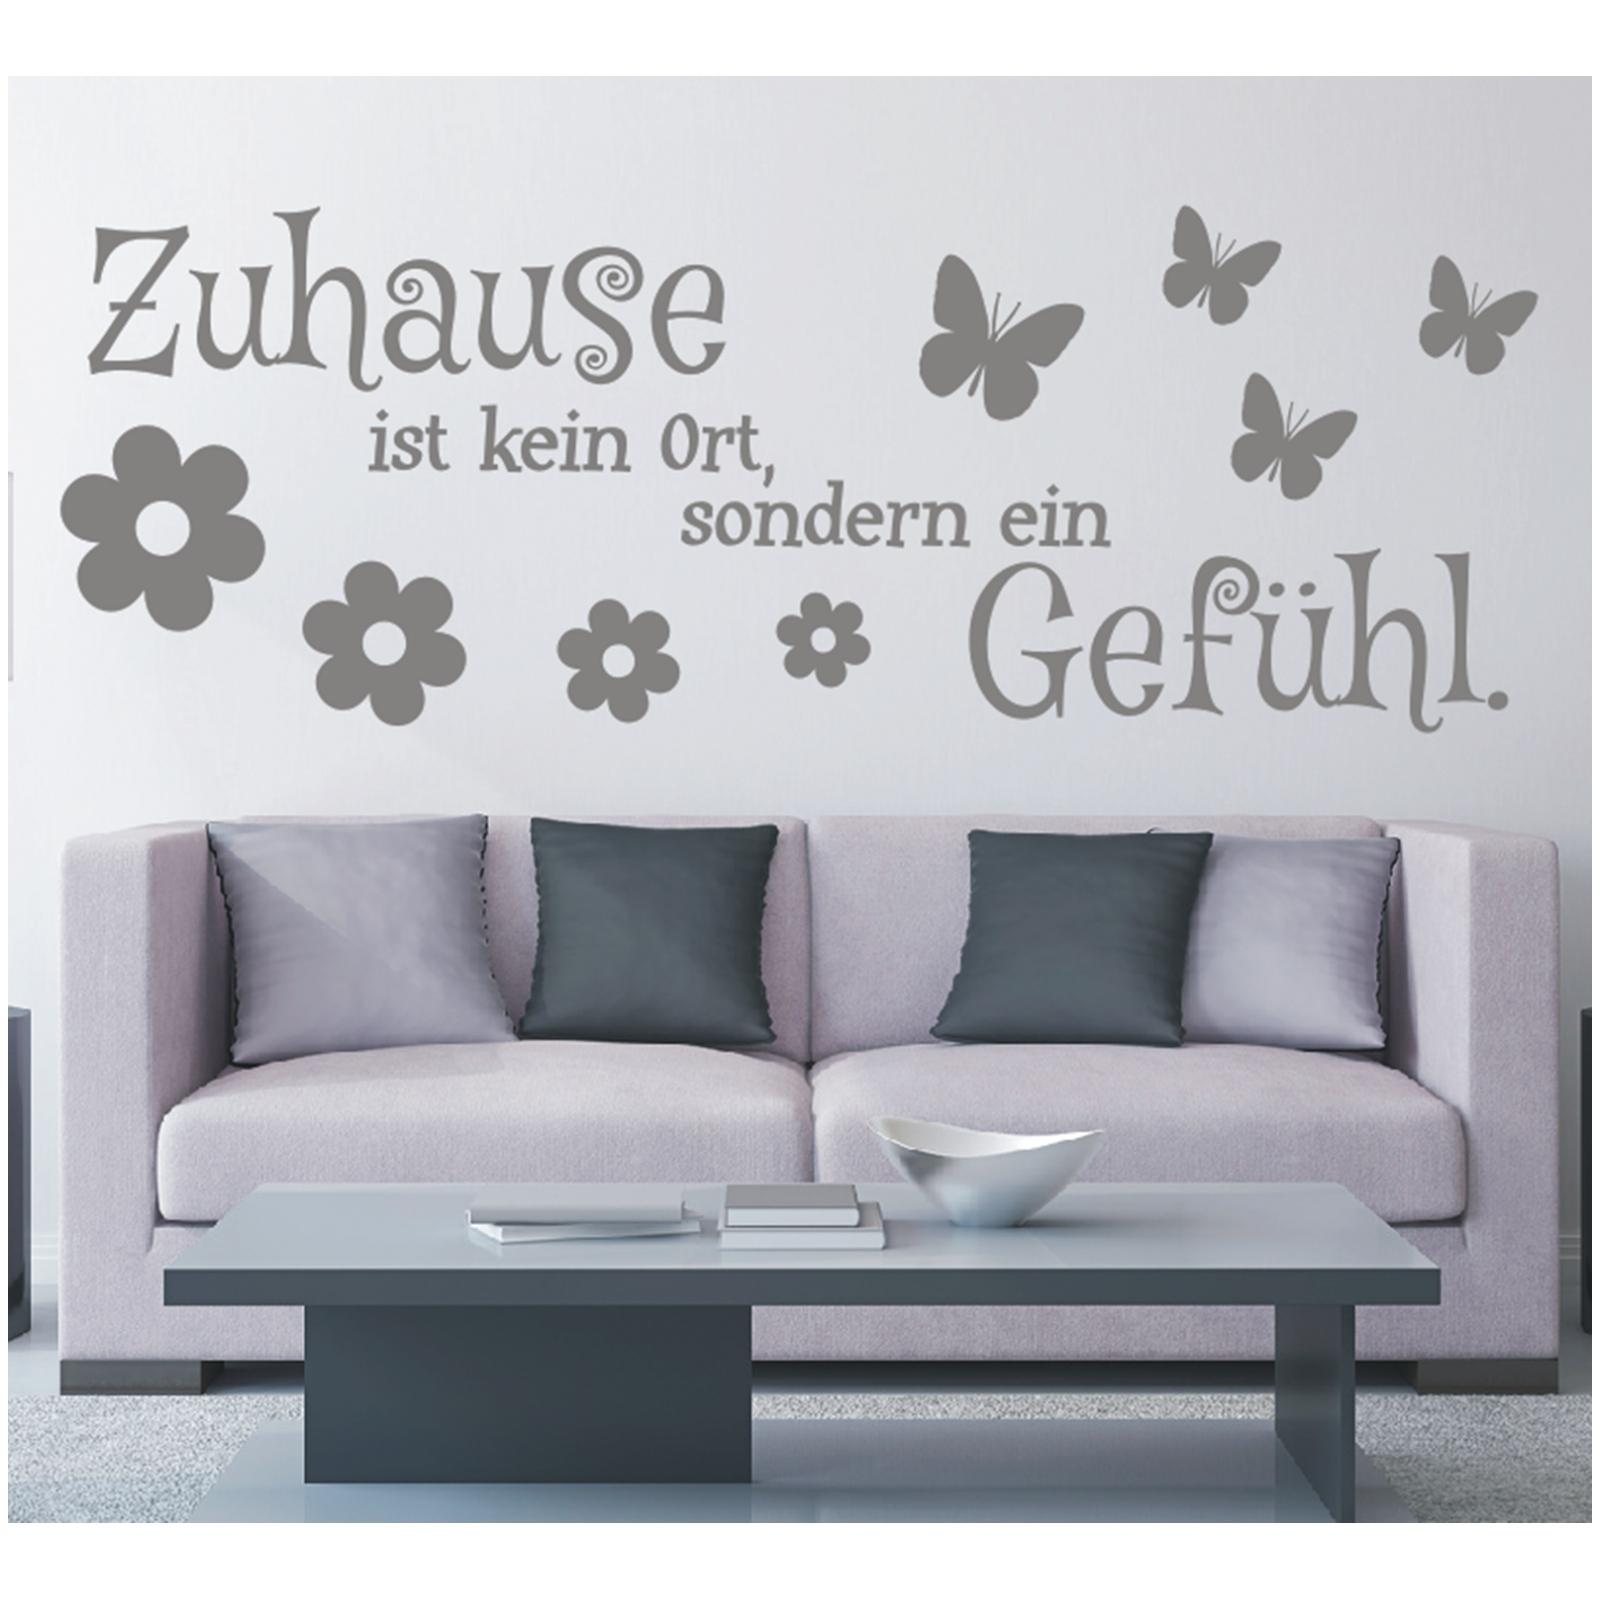 Wandtattoo-Spruch-Zuhause-kein-Ort-Gefuehl-Wandsticker-Sticker-Wandaufkleber-9 Indexbild 3